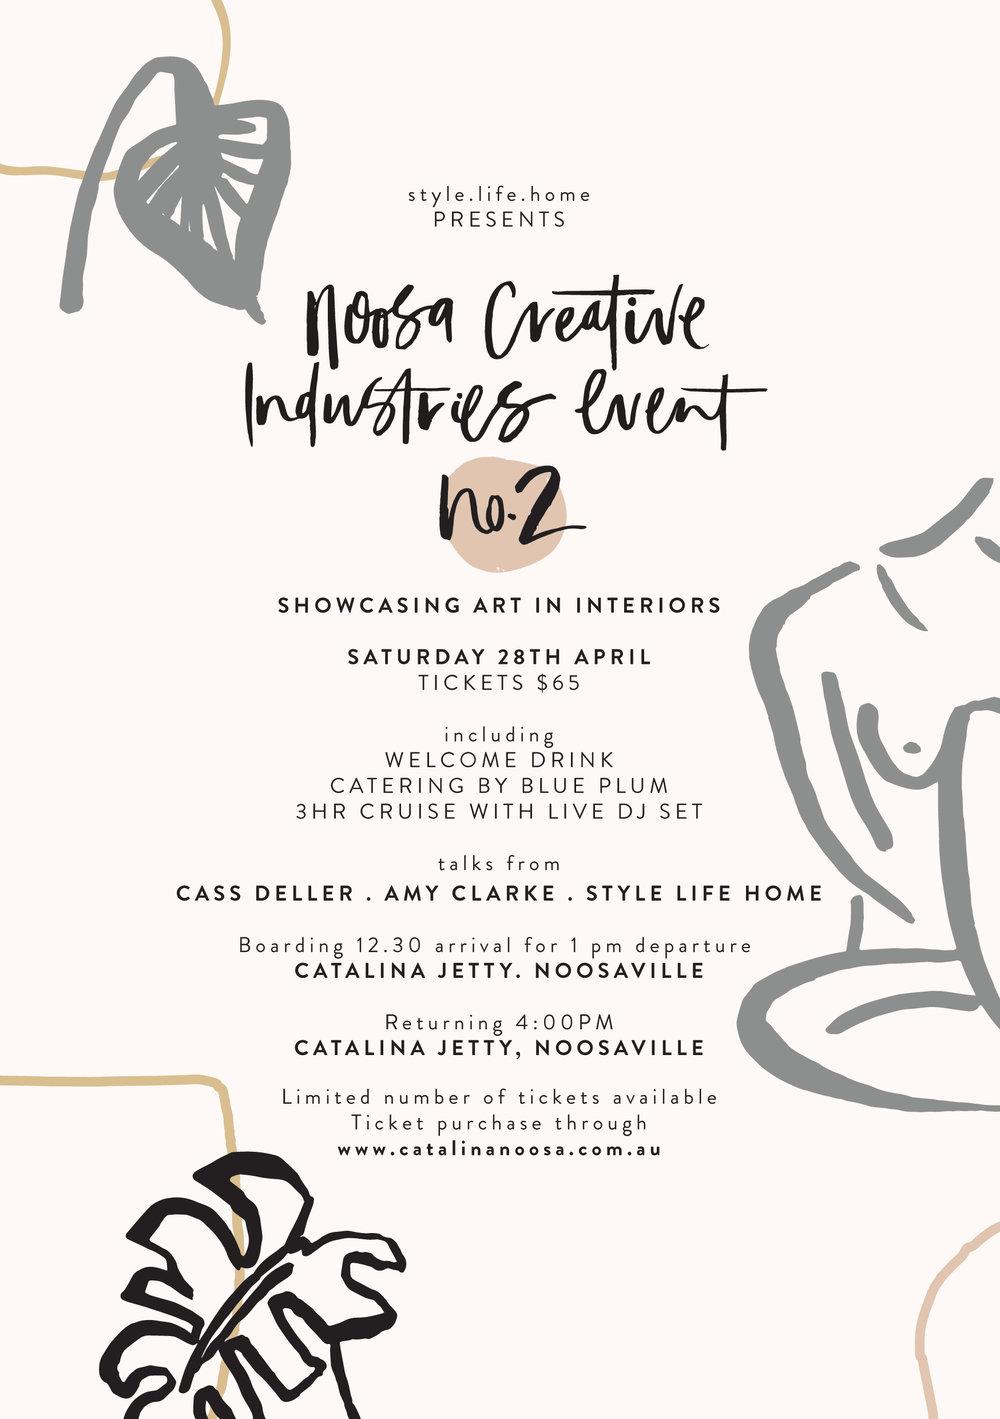 Invitation Design by Cass Deller